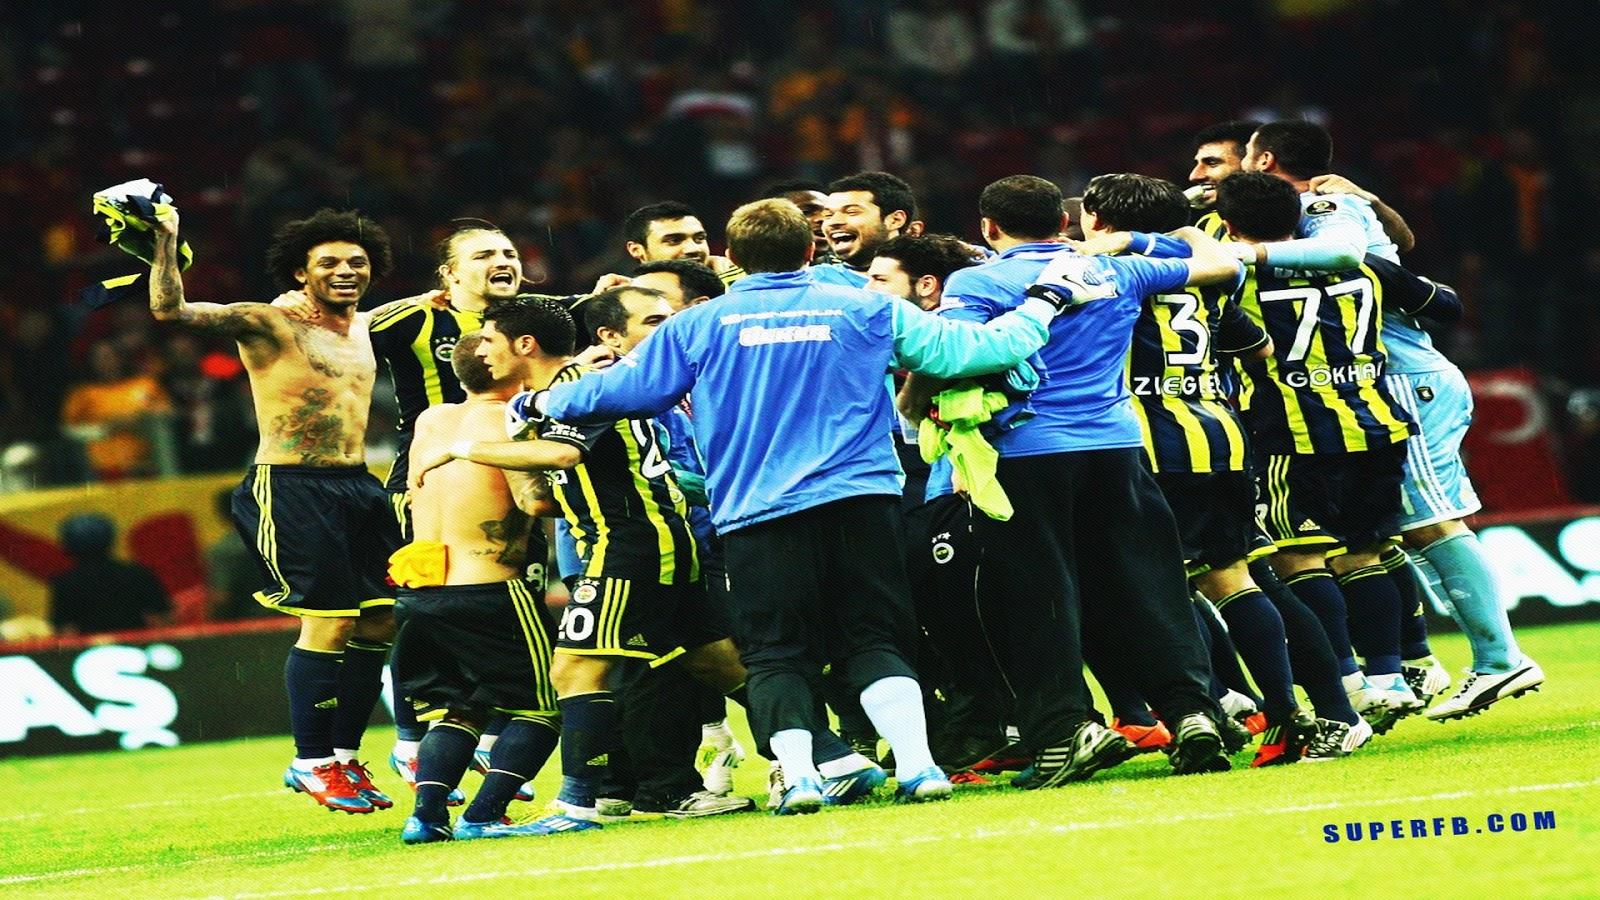 fenerbahce+resim+rooteto+11 Fenerbahçe HD Resimleri